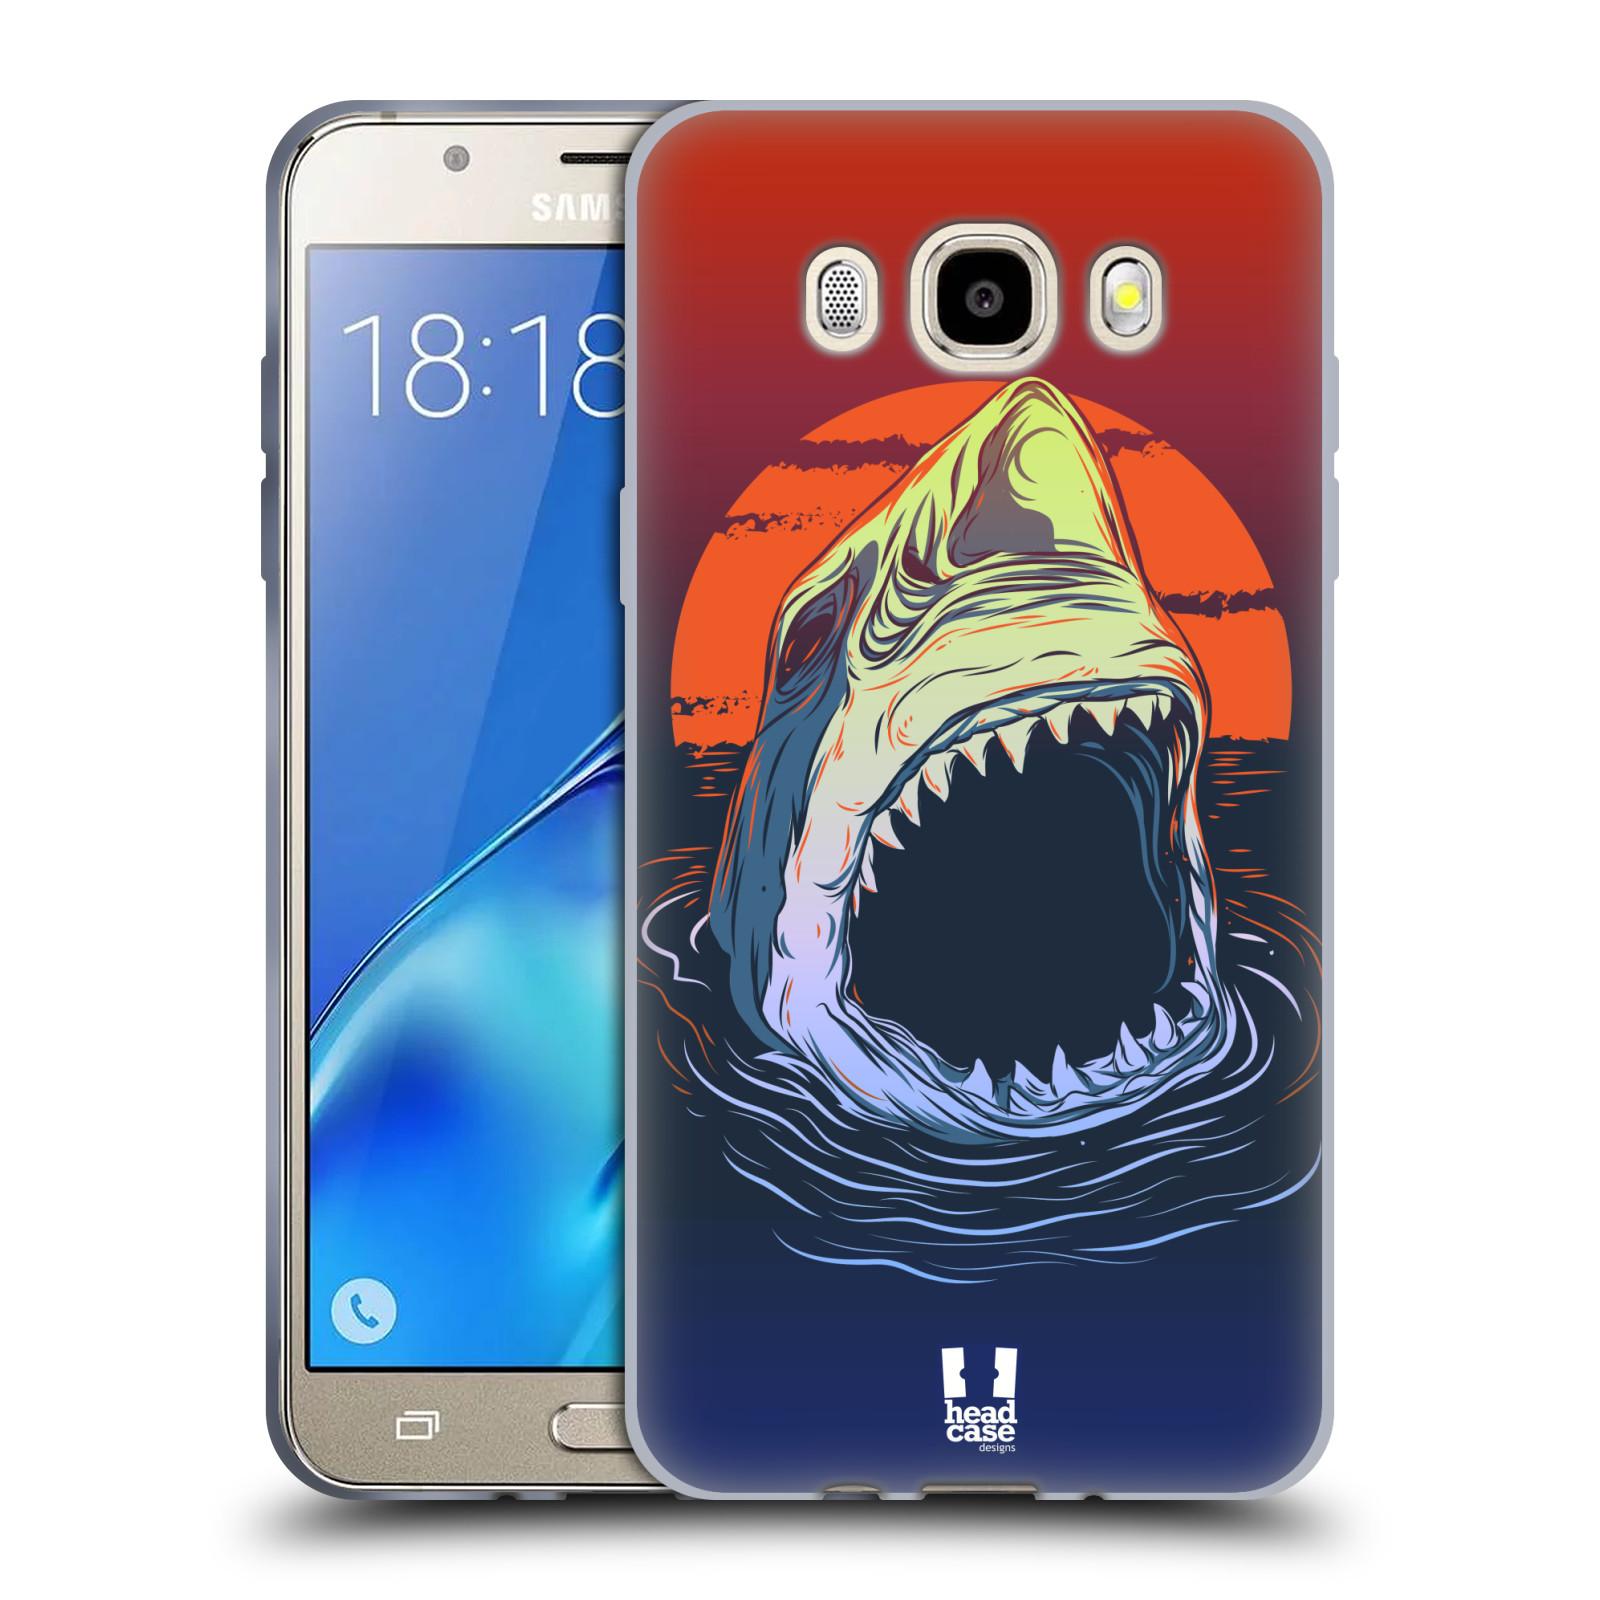 HEAD CASE silikonový obal, kryt na mobil Samsung Galaxy J5 2016, J510, J510F, (J510F DUAL SIM) vzor mořská monstra žralok